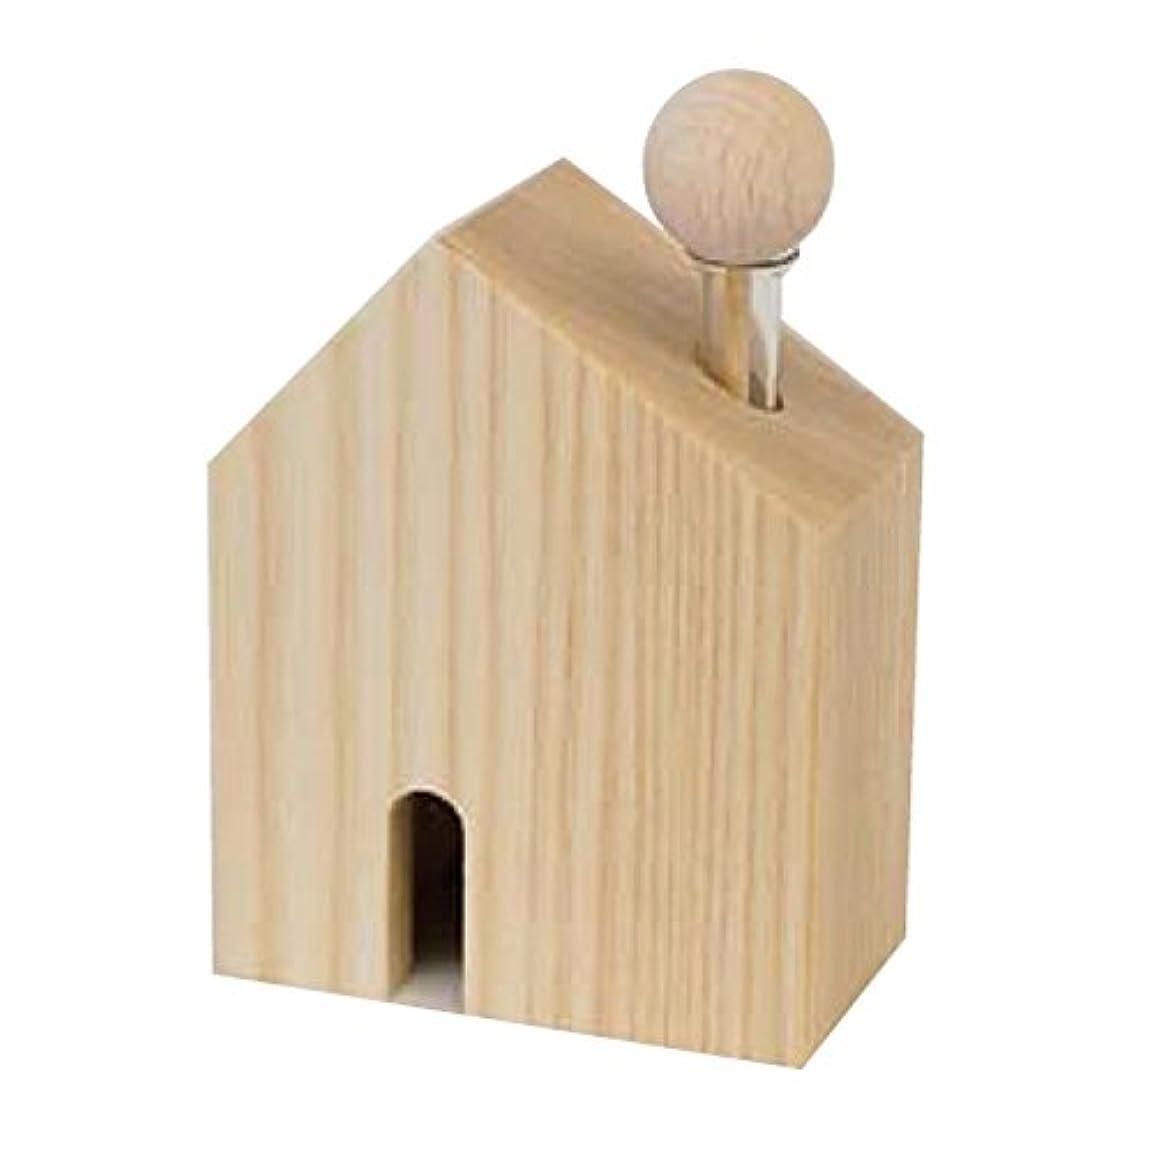 過言エスカレーター配置カリス成城 アロマ芳香器 木のお家